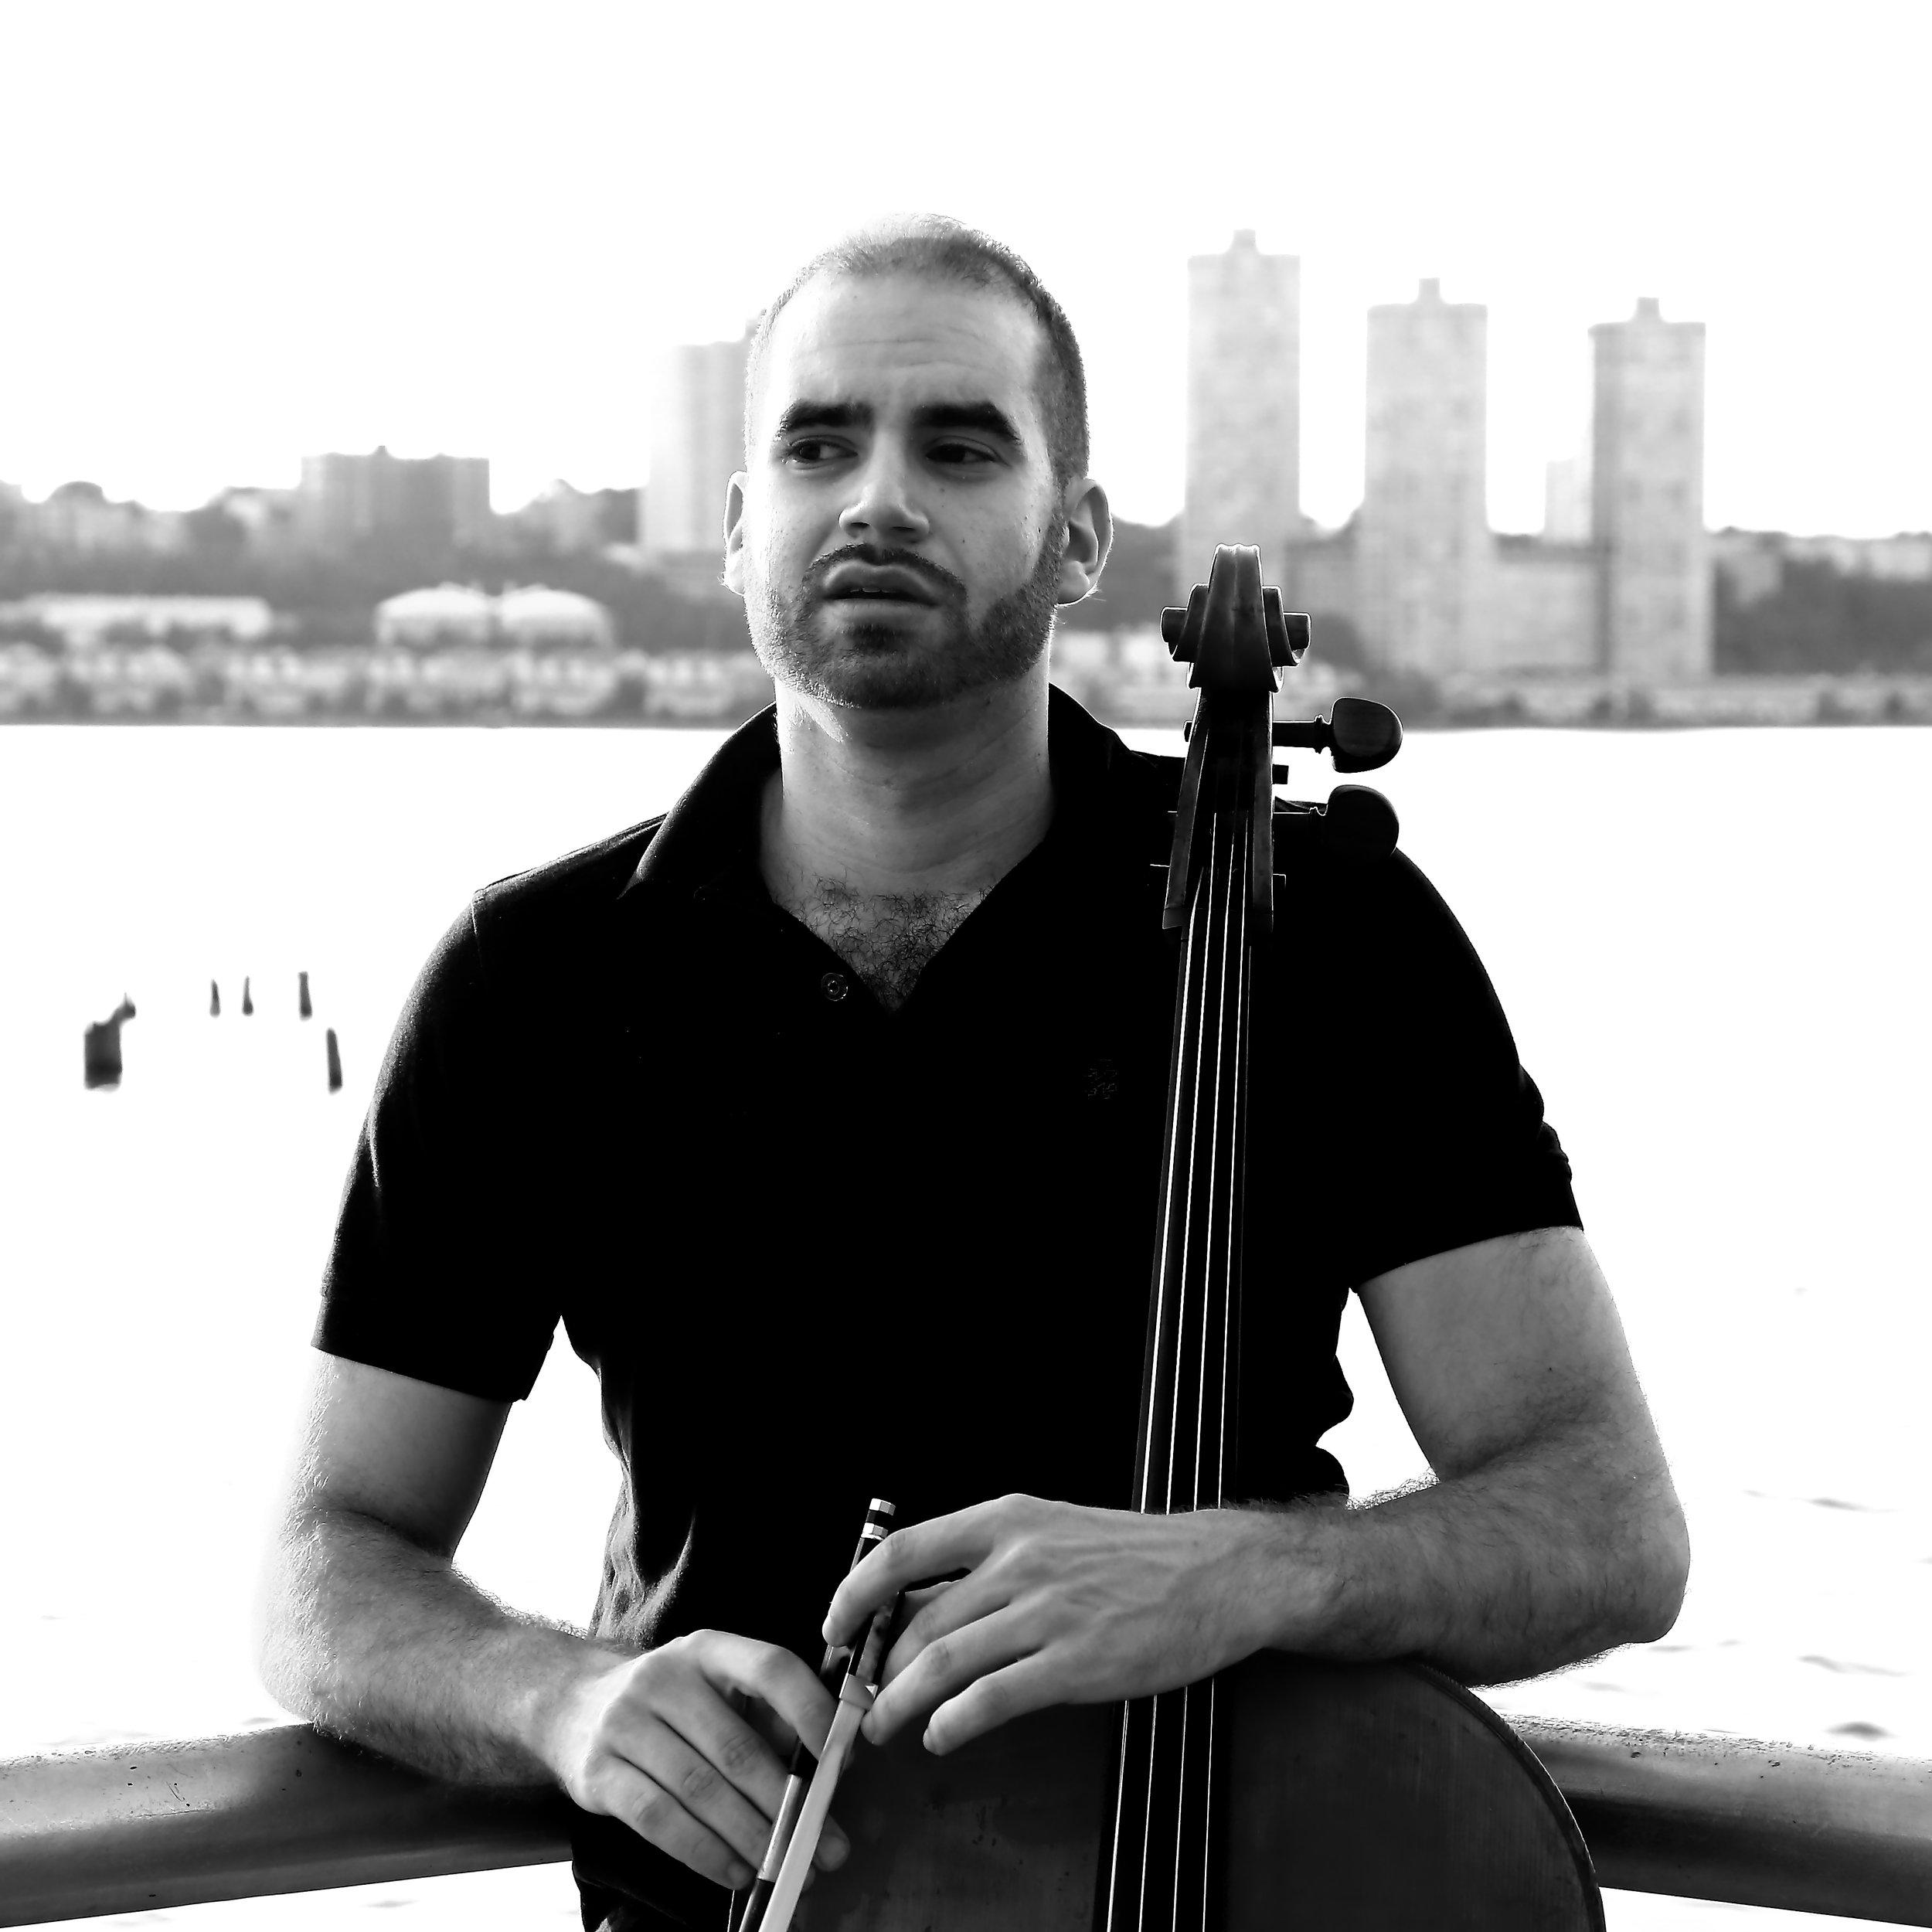 bw_cello_aight.JPG